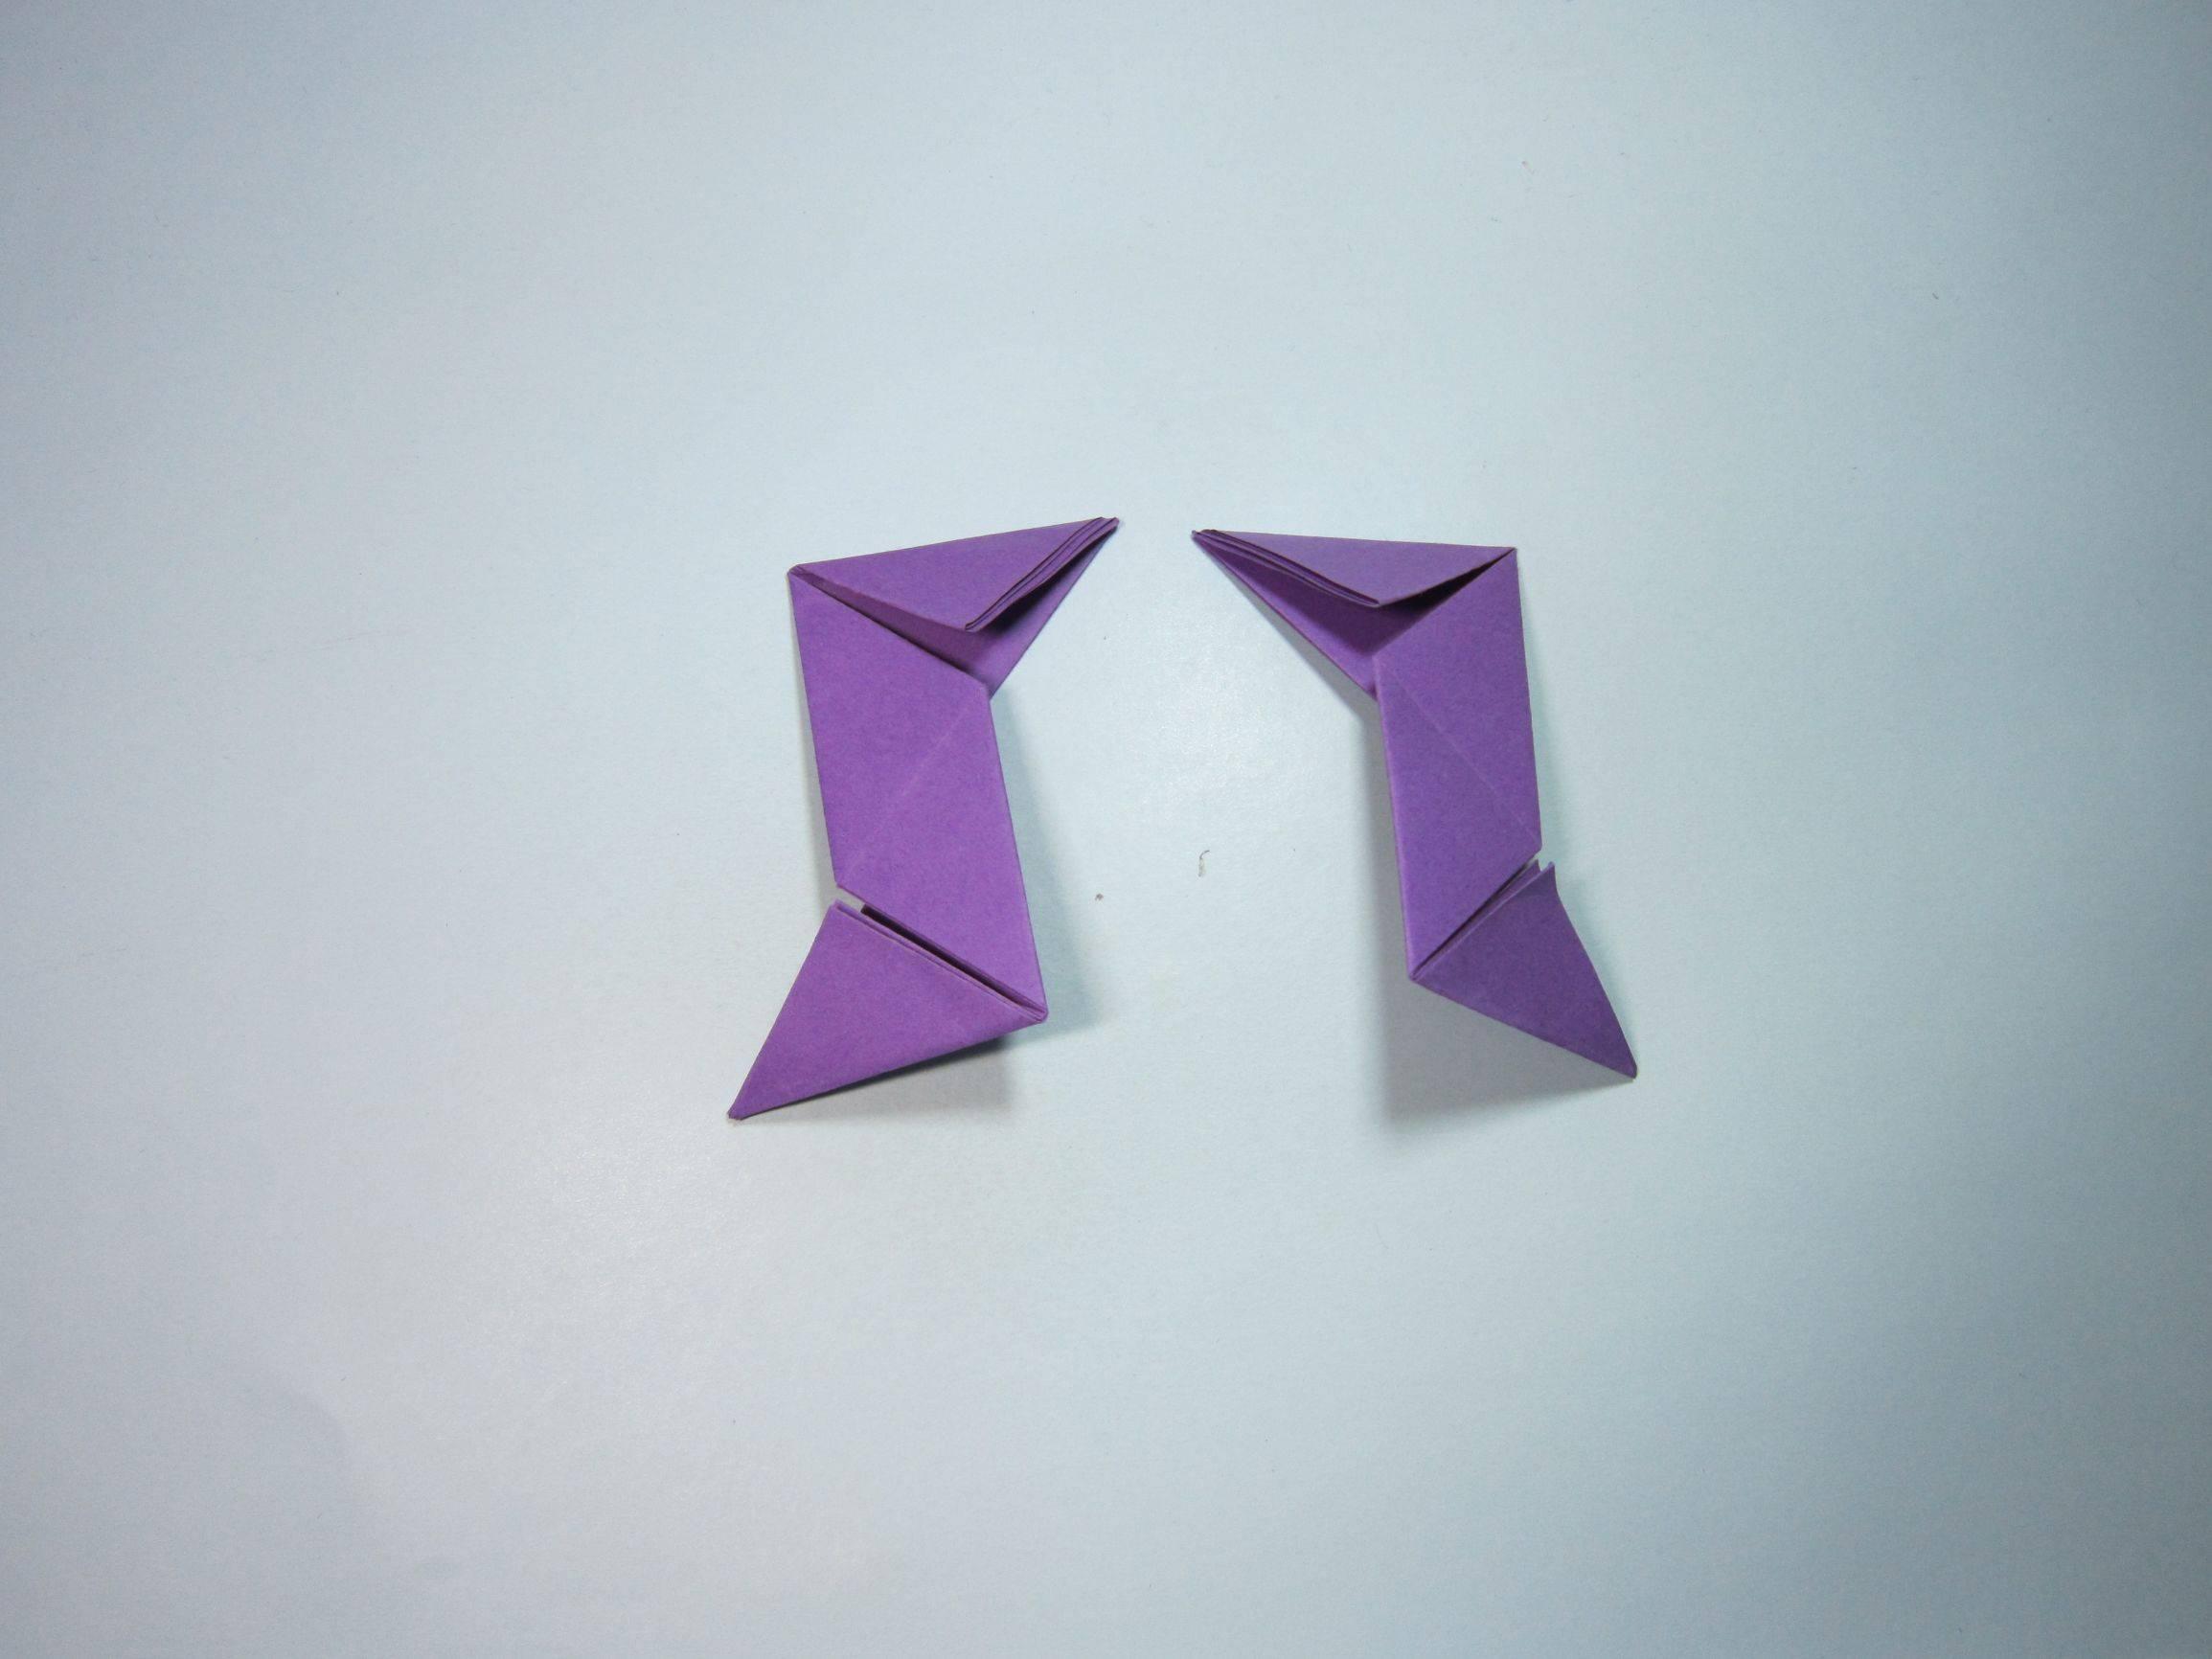 三角飞镖怎么折7步(简单飞镖的折法步骤图解)插图(6)